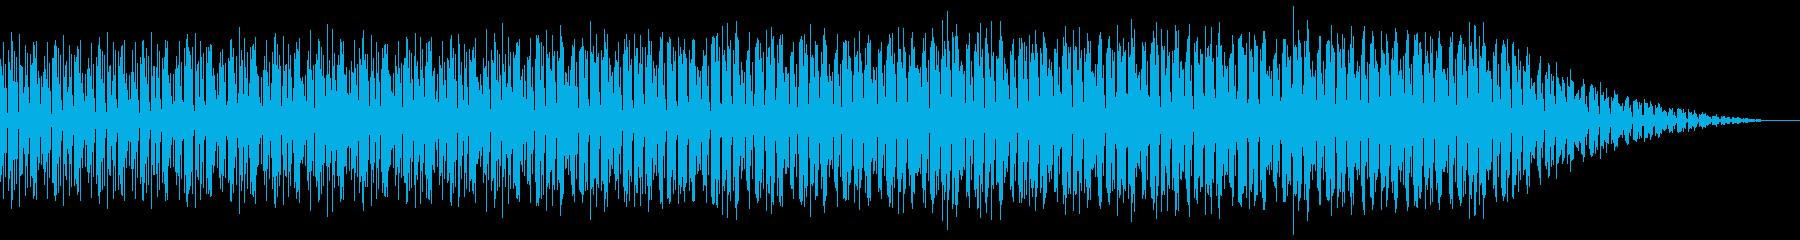 【ゲーム】ミニゲーム風BGM 02の再生済みの波形